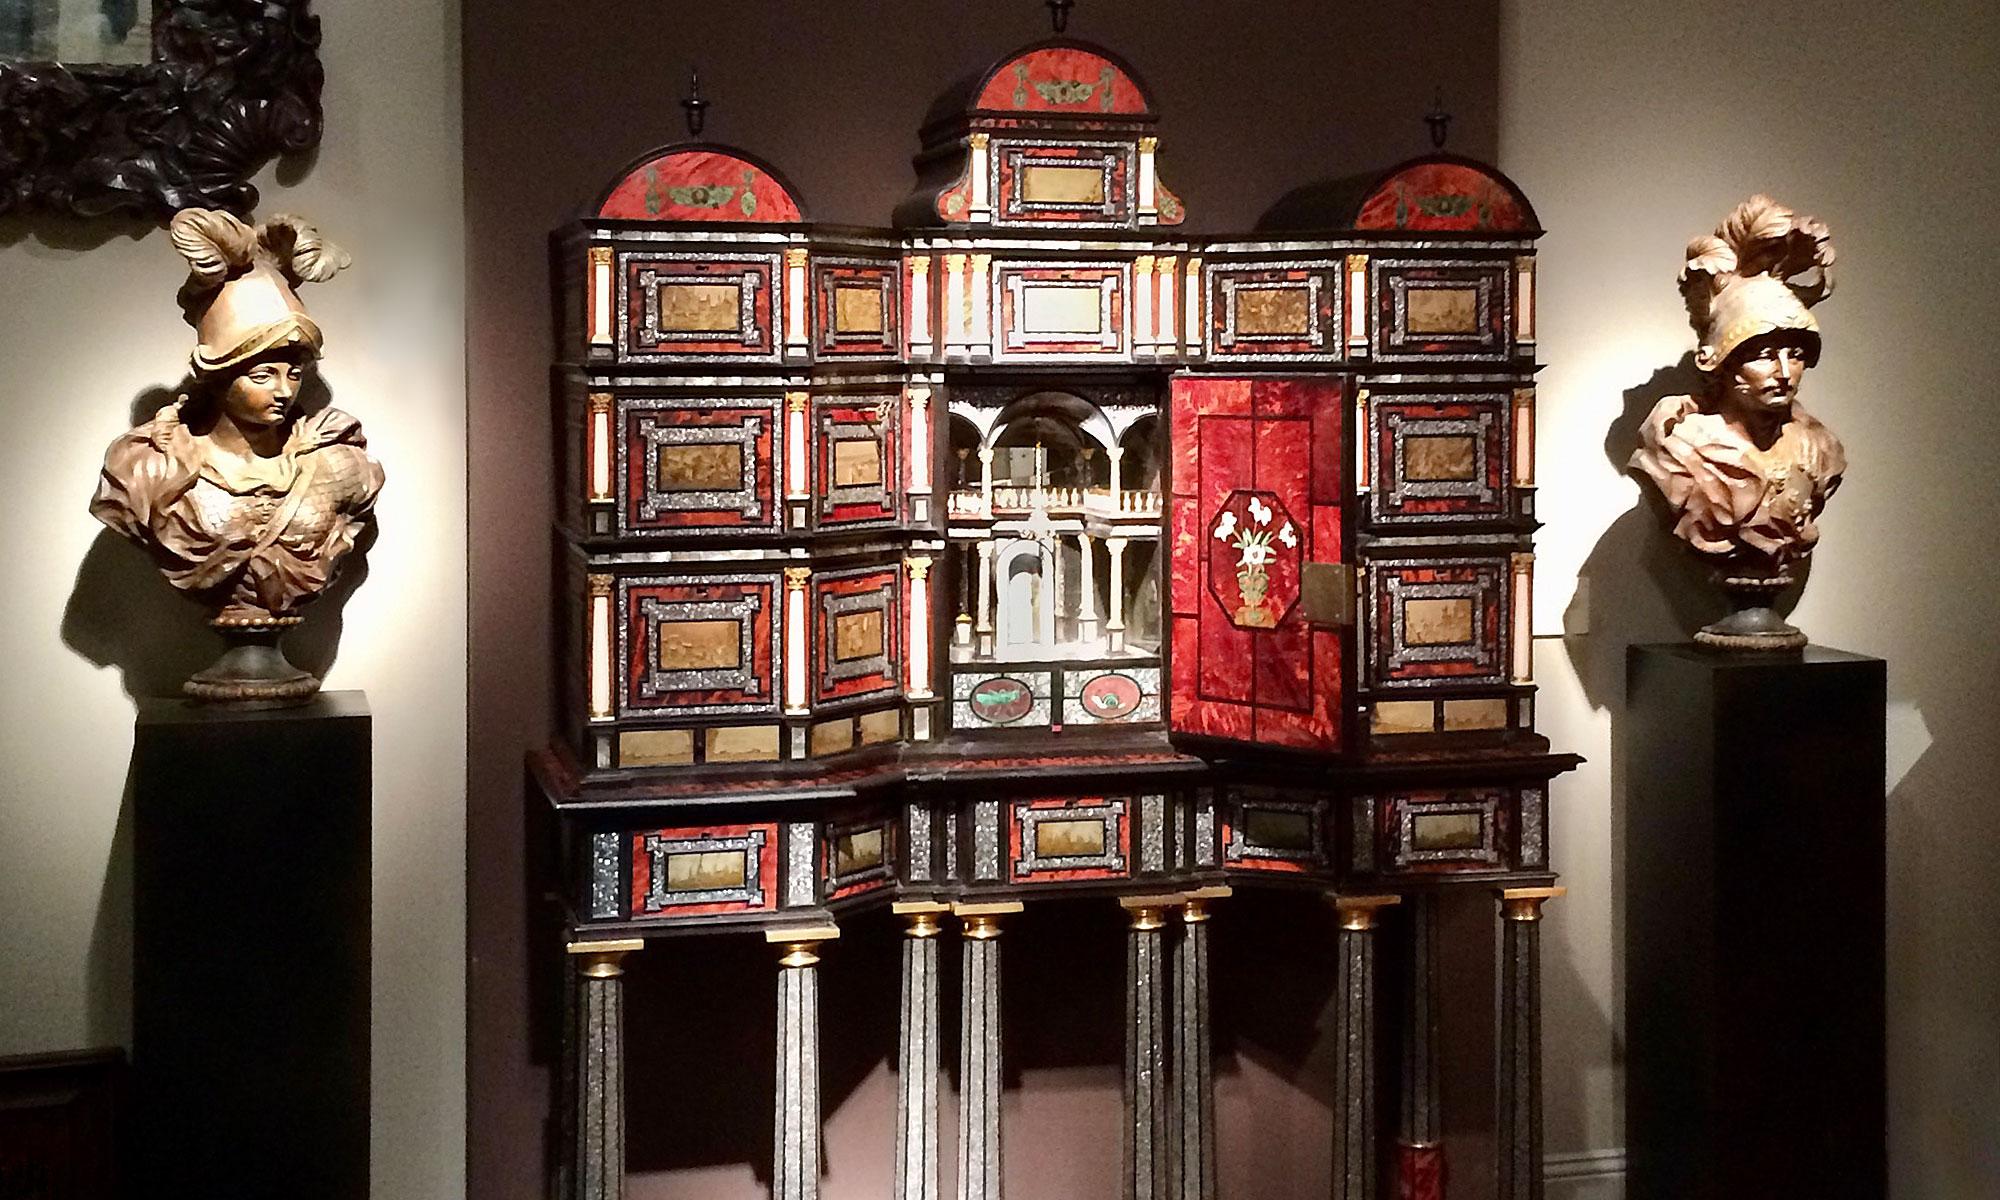 Messeimpressionen, Kabinettschrank, Kunsthandel Mühlbauer